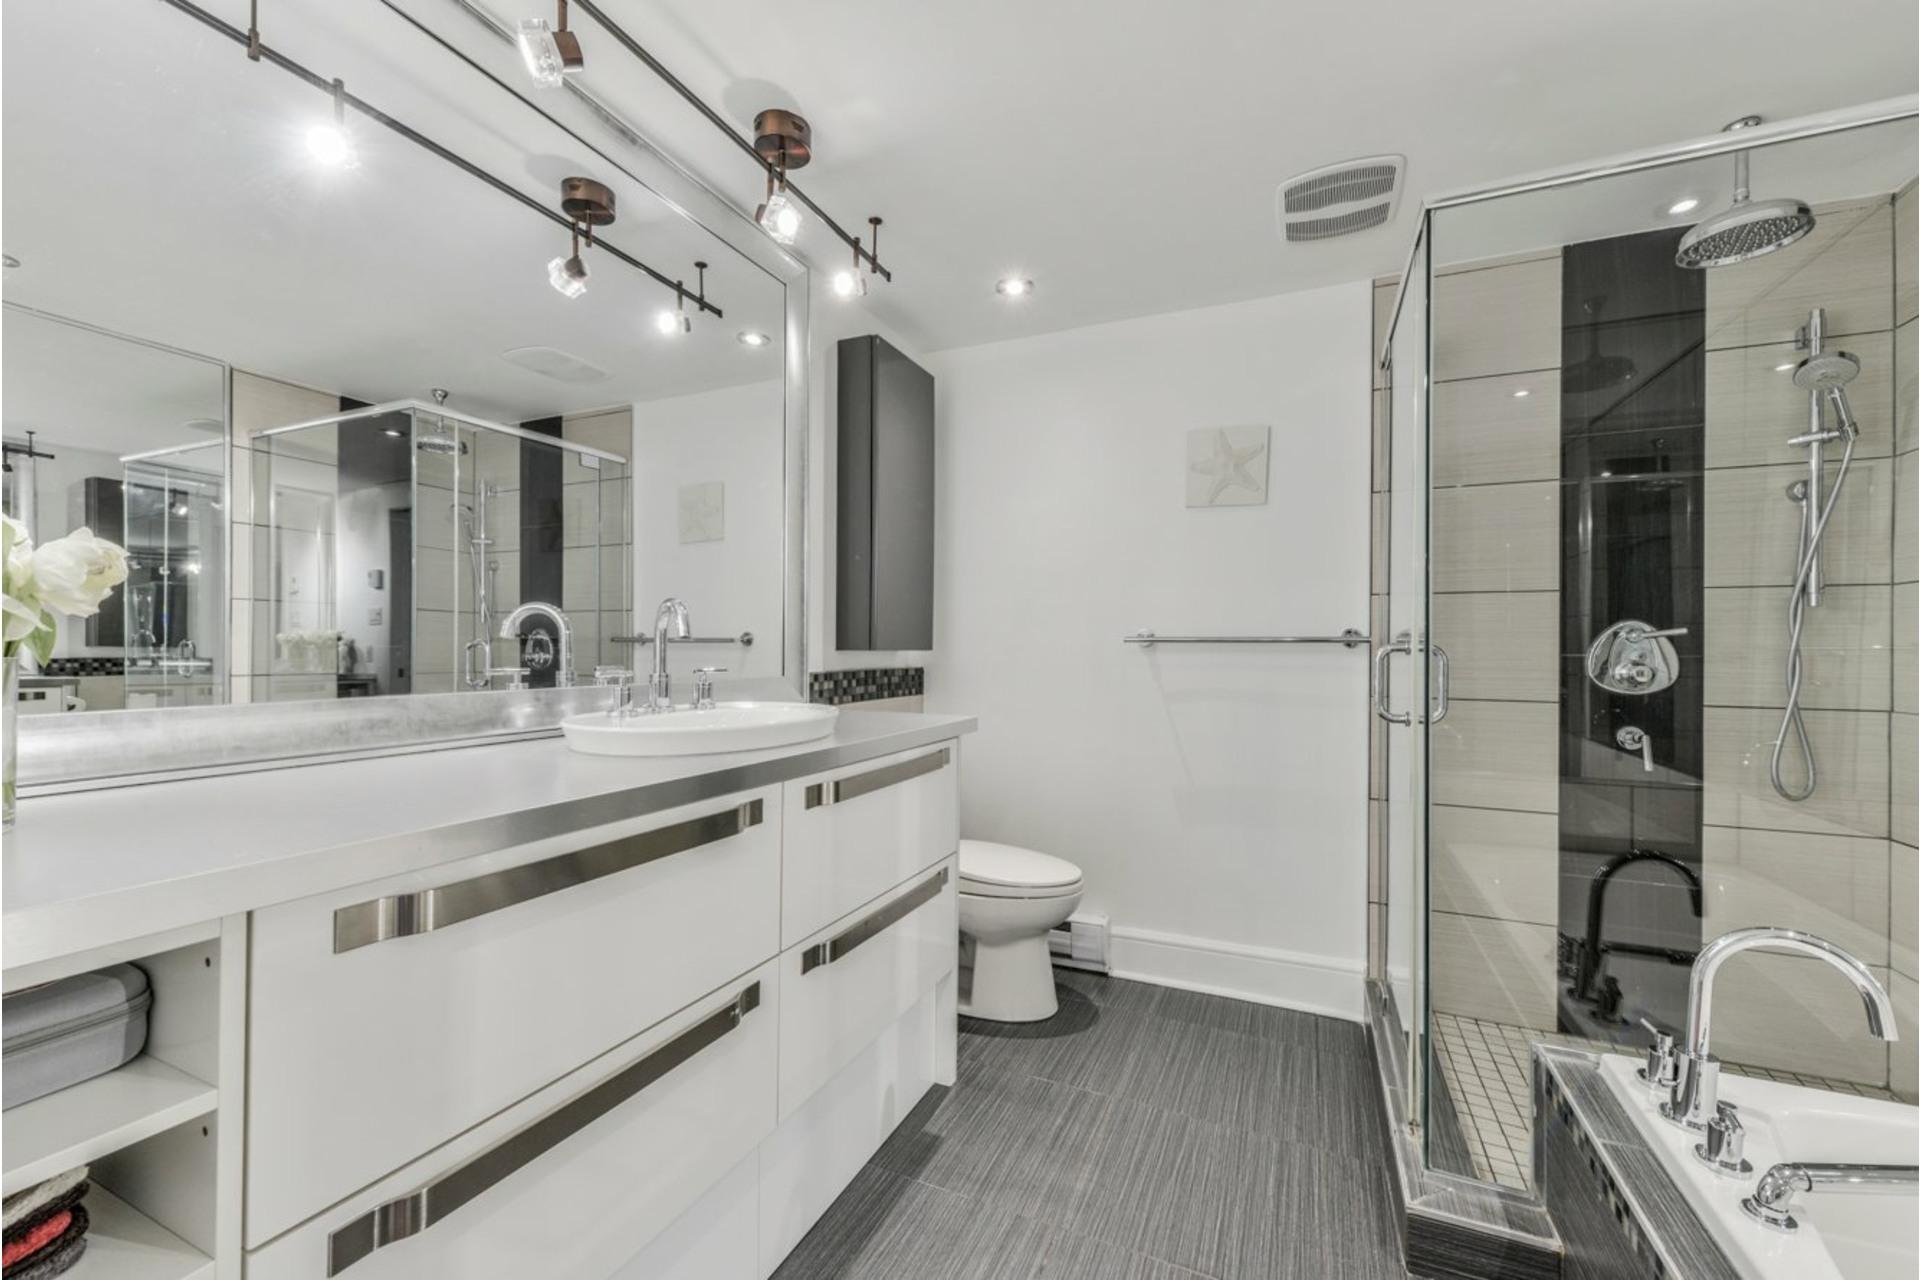 image 14 - Maison À vendre Verdun/Île-des-Soeurs Montréal  - 6 pièces